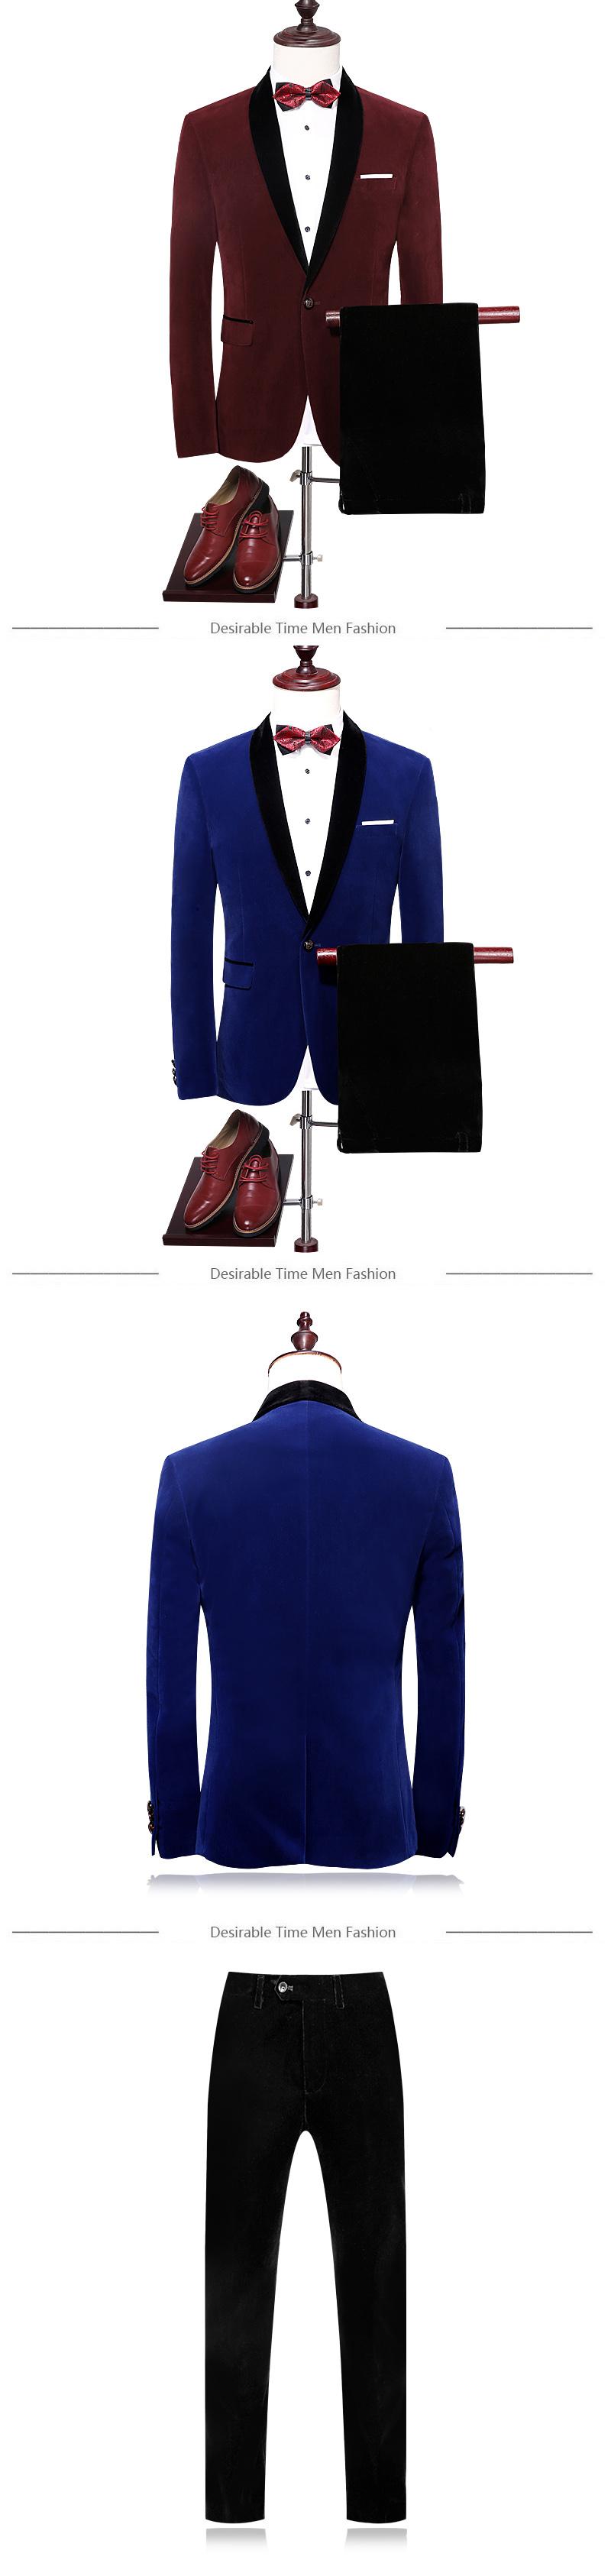 HTB1PIDARFXXXXchaXXXq6xXFXXXA - Royal Blue Mens Wedding Tuxedo Suit M-4XL Autumn High Quality Shawl Lapel Slim Fit Velvet Men Red Prom Suits DT059